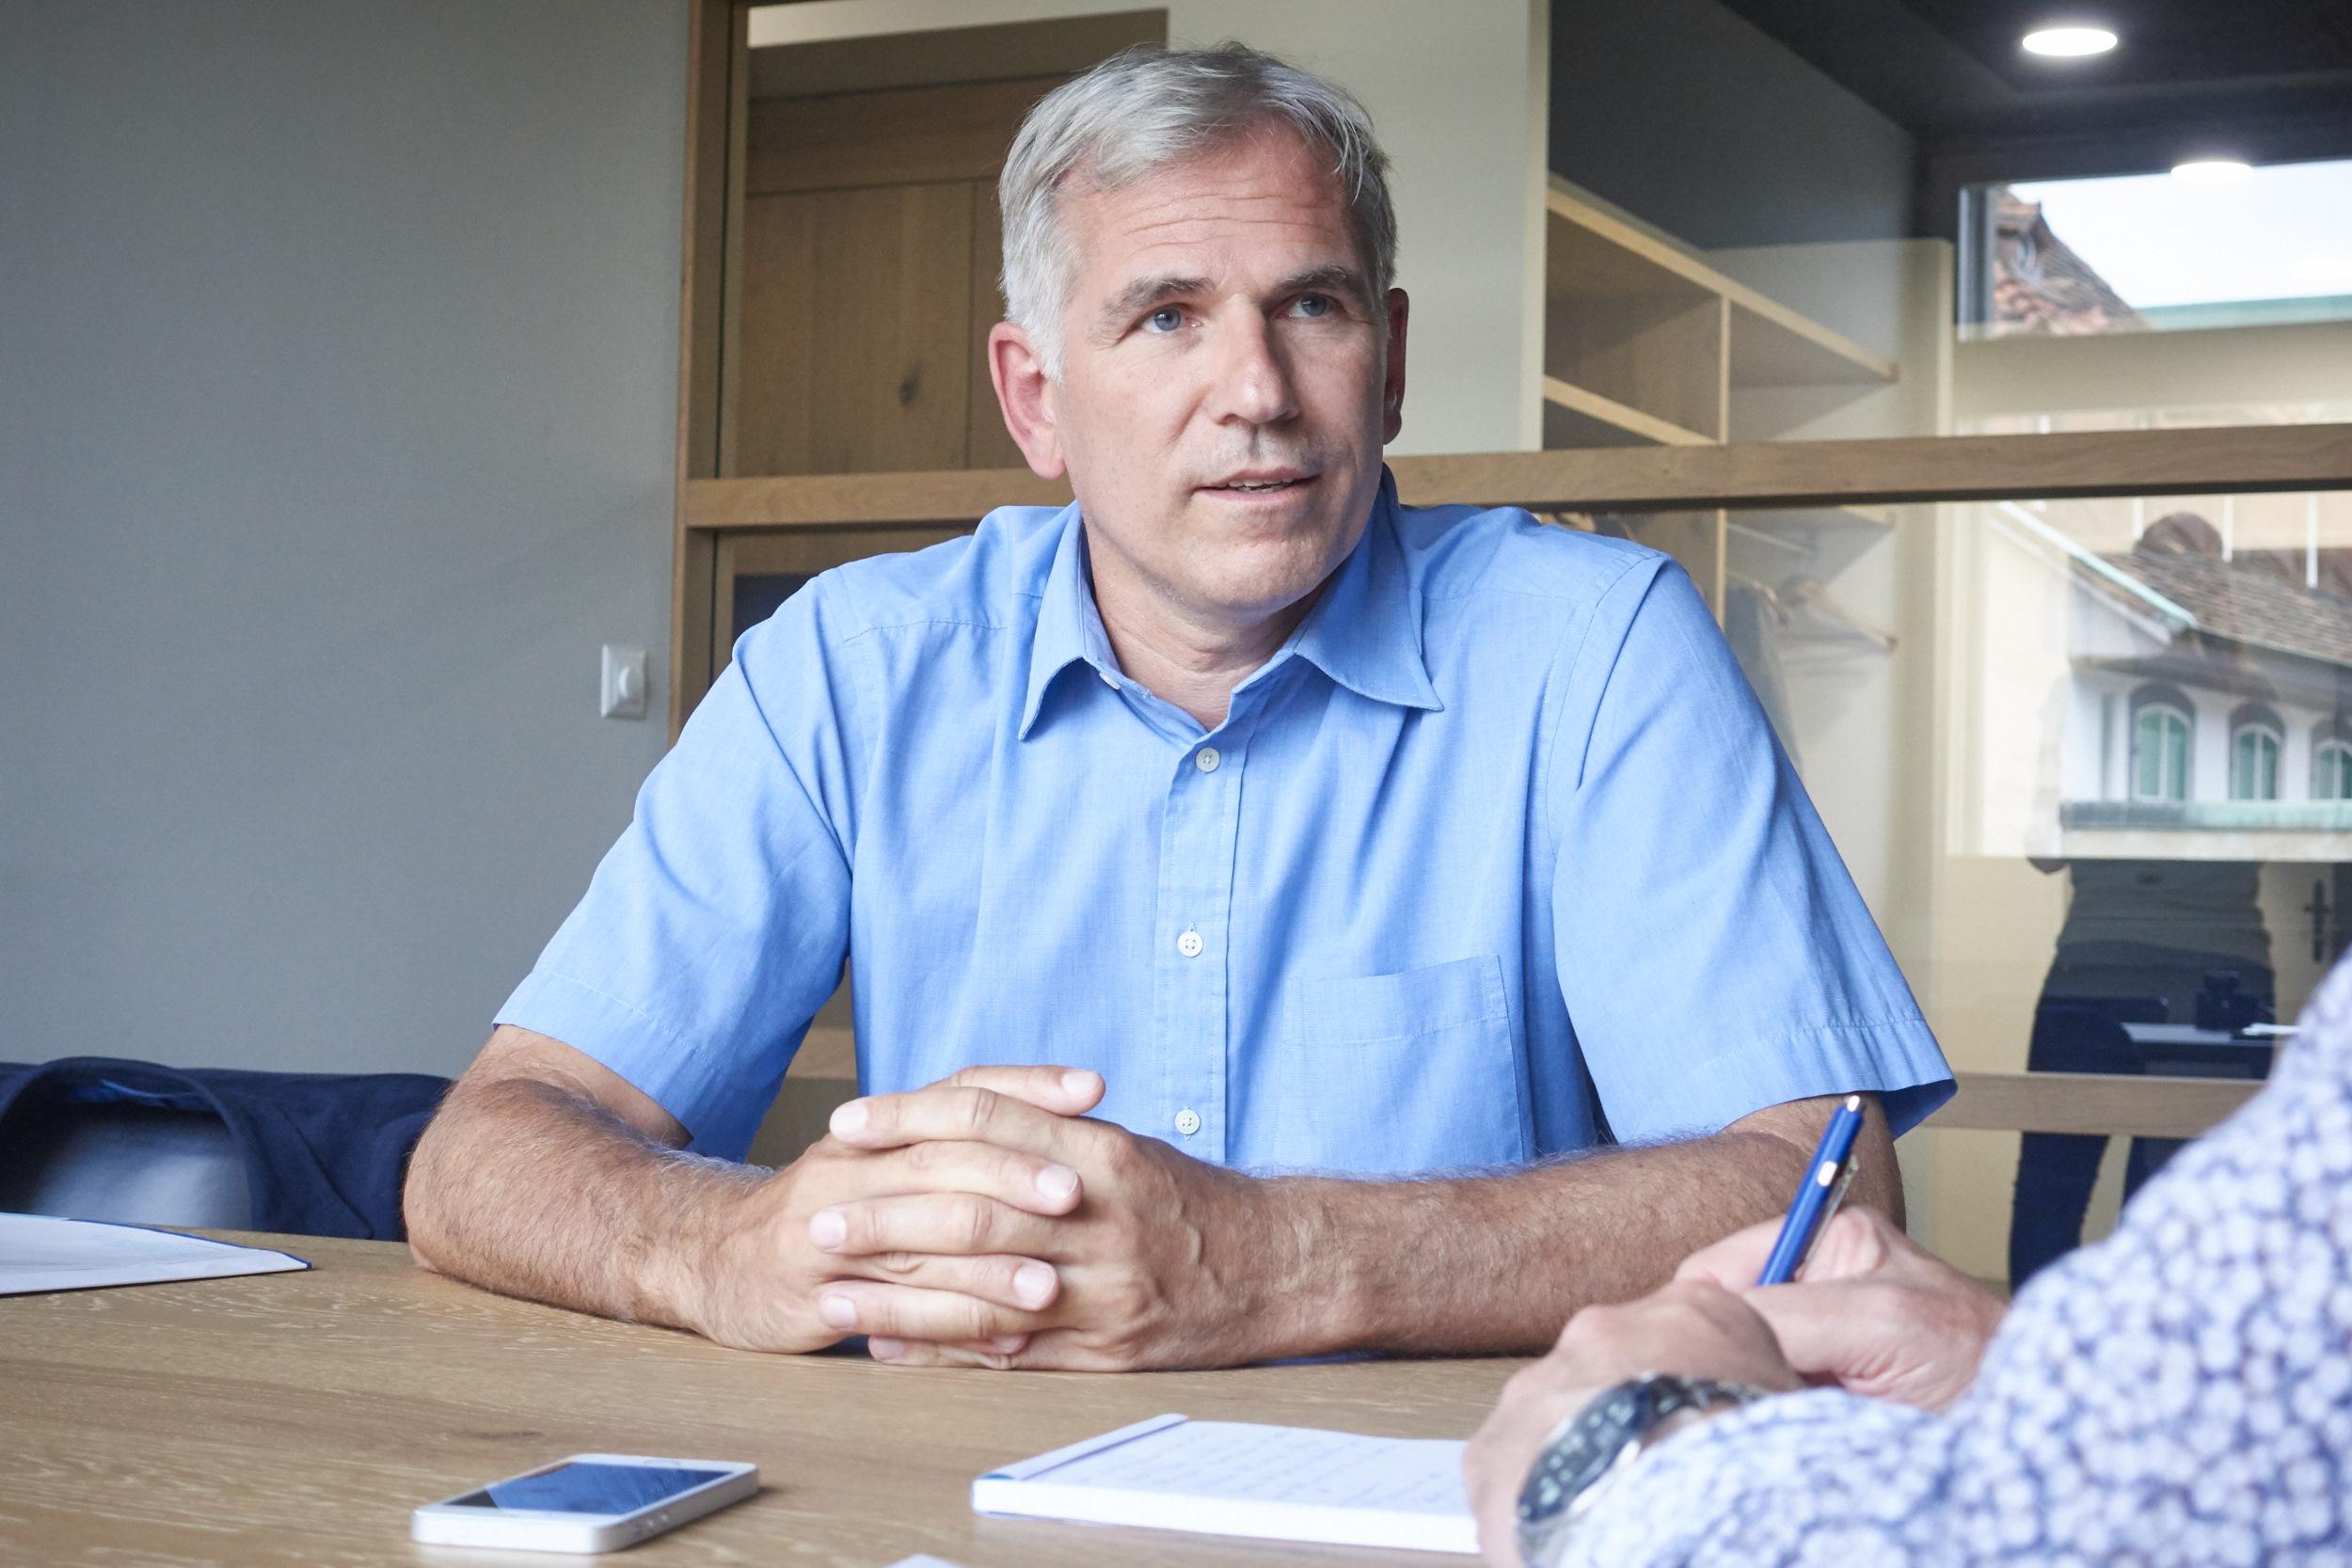 «Bei der jetzigen Basler Regierung ging vor allem der untere Mittelstand vergessen.» SVP-Regierungsratskandidat Lorenz Nägelin zu den Gründen, warum man ihn wählen sollte.